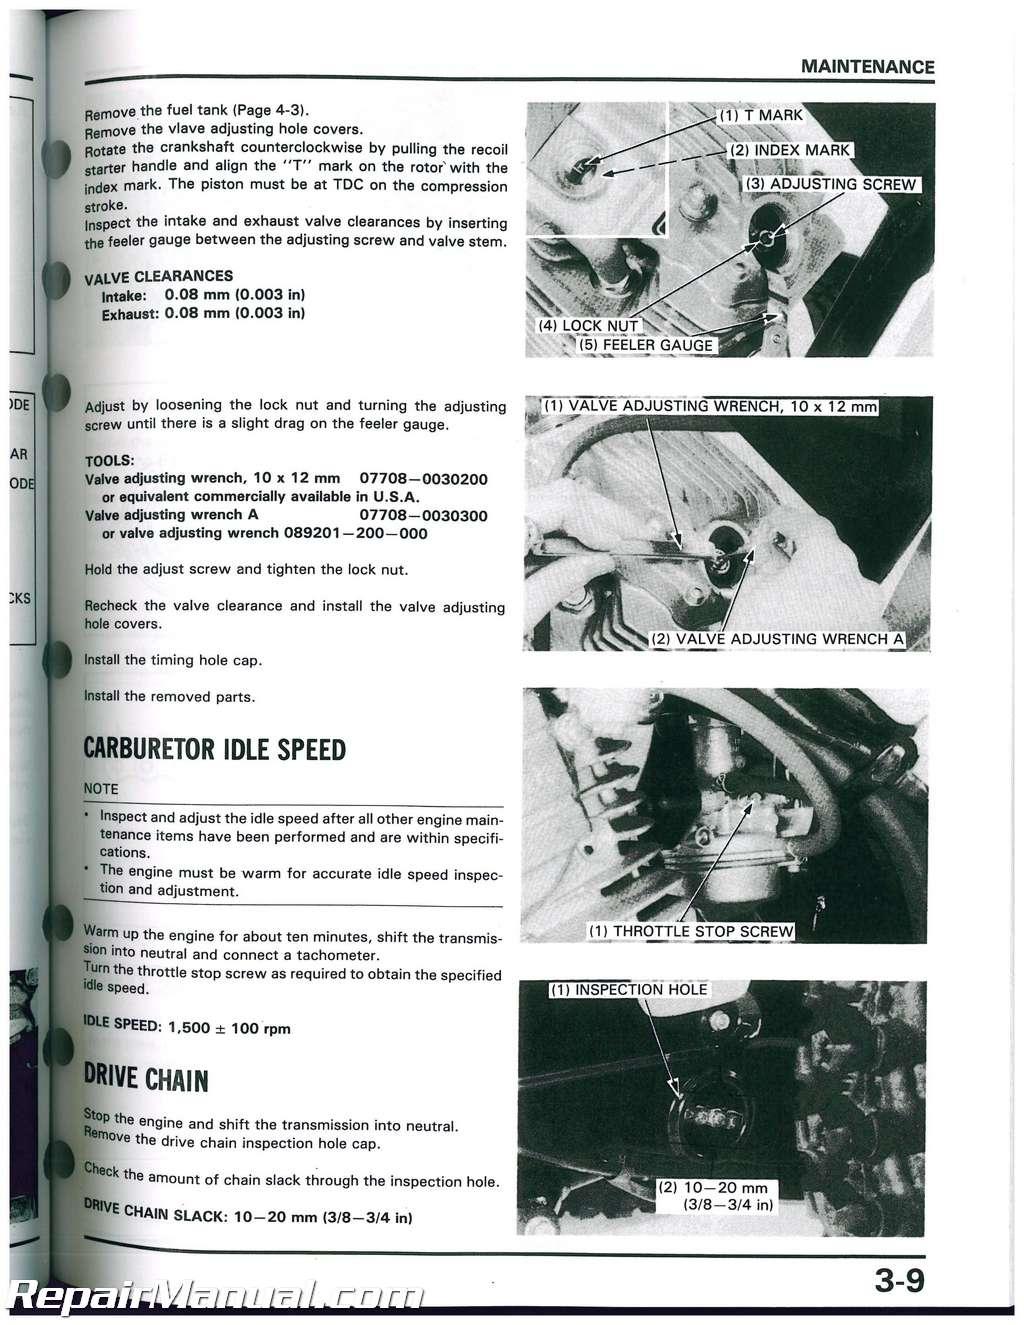 Kawasaki Klt 110 Wiring Diagram - Wiring Diagrams on